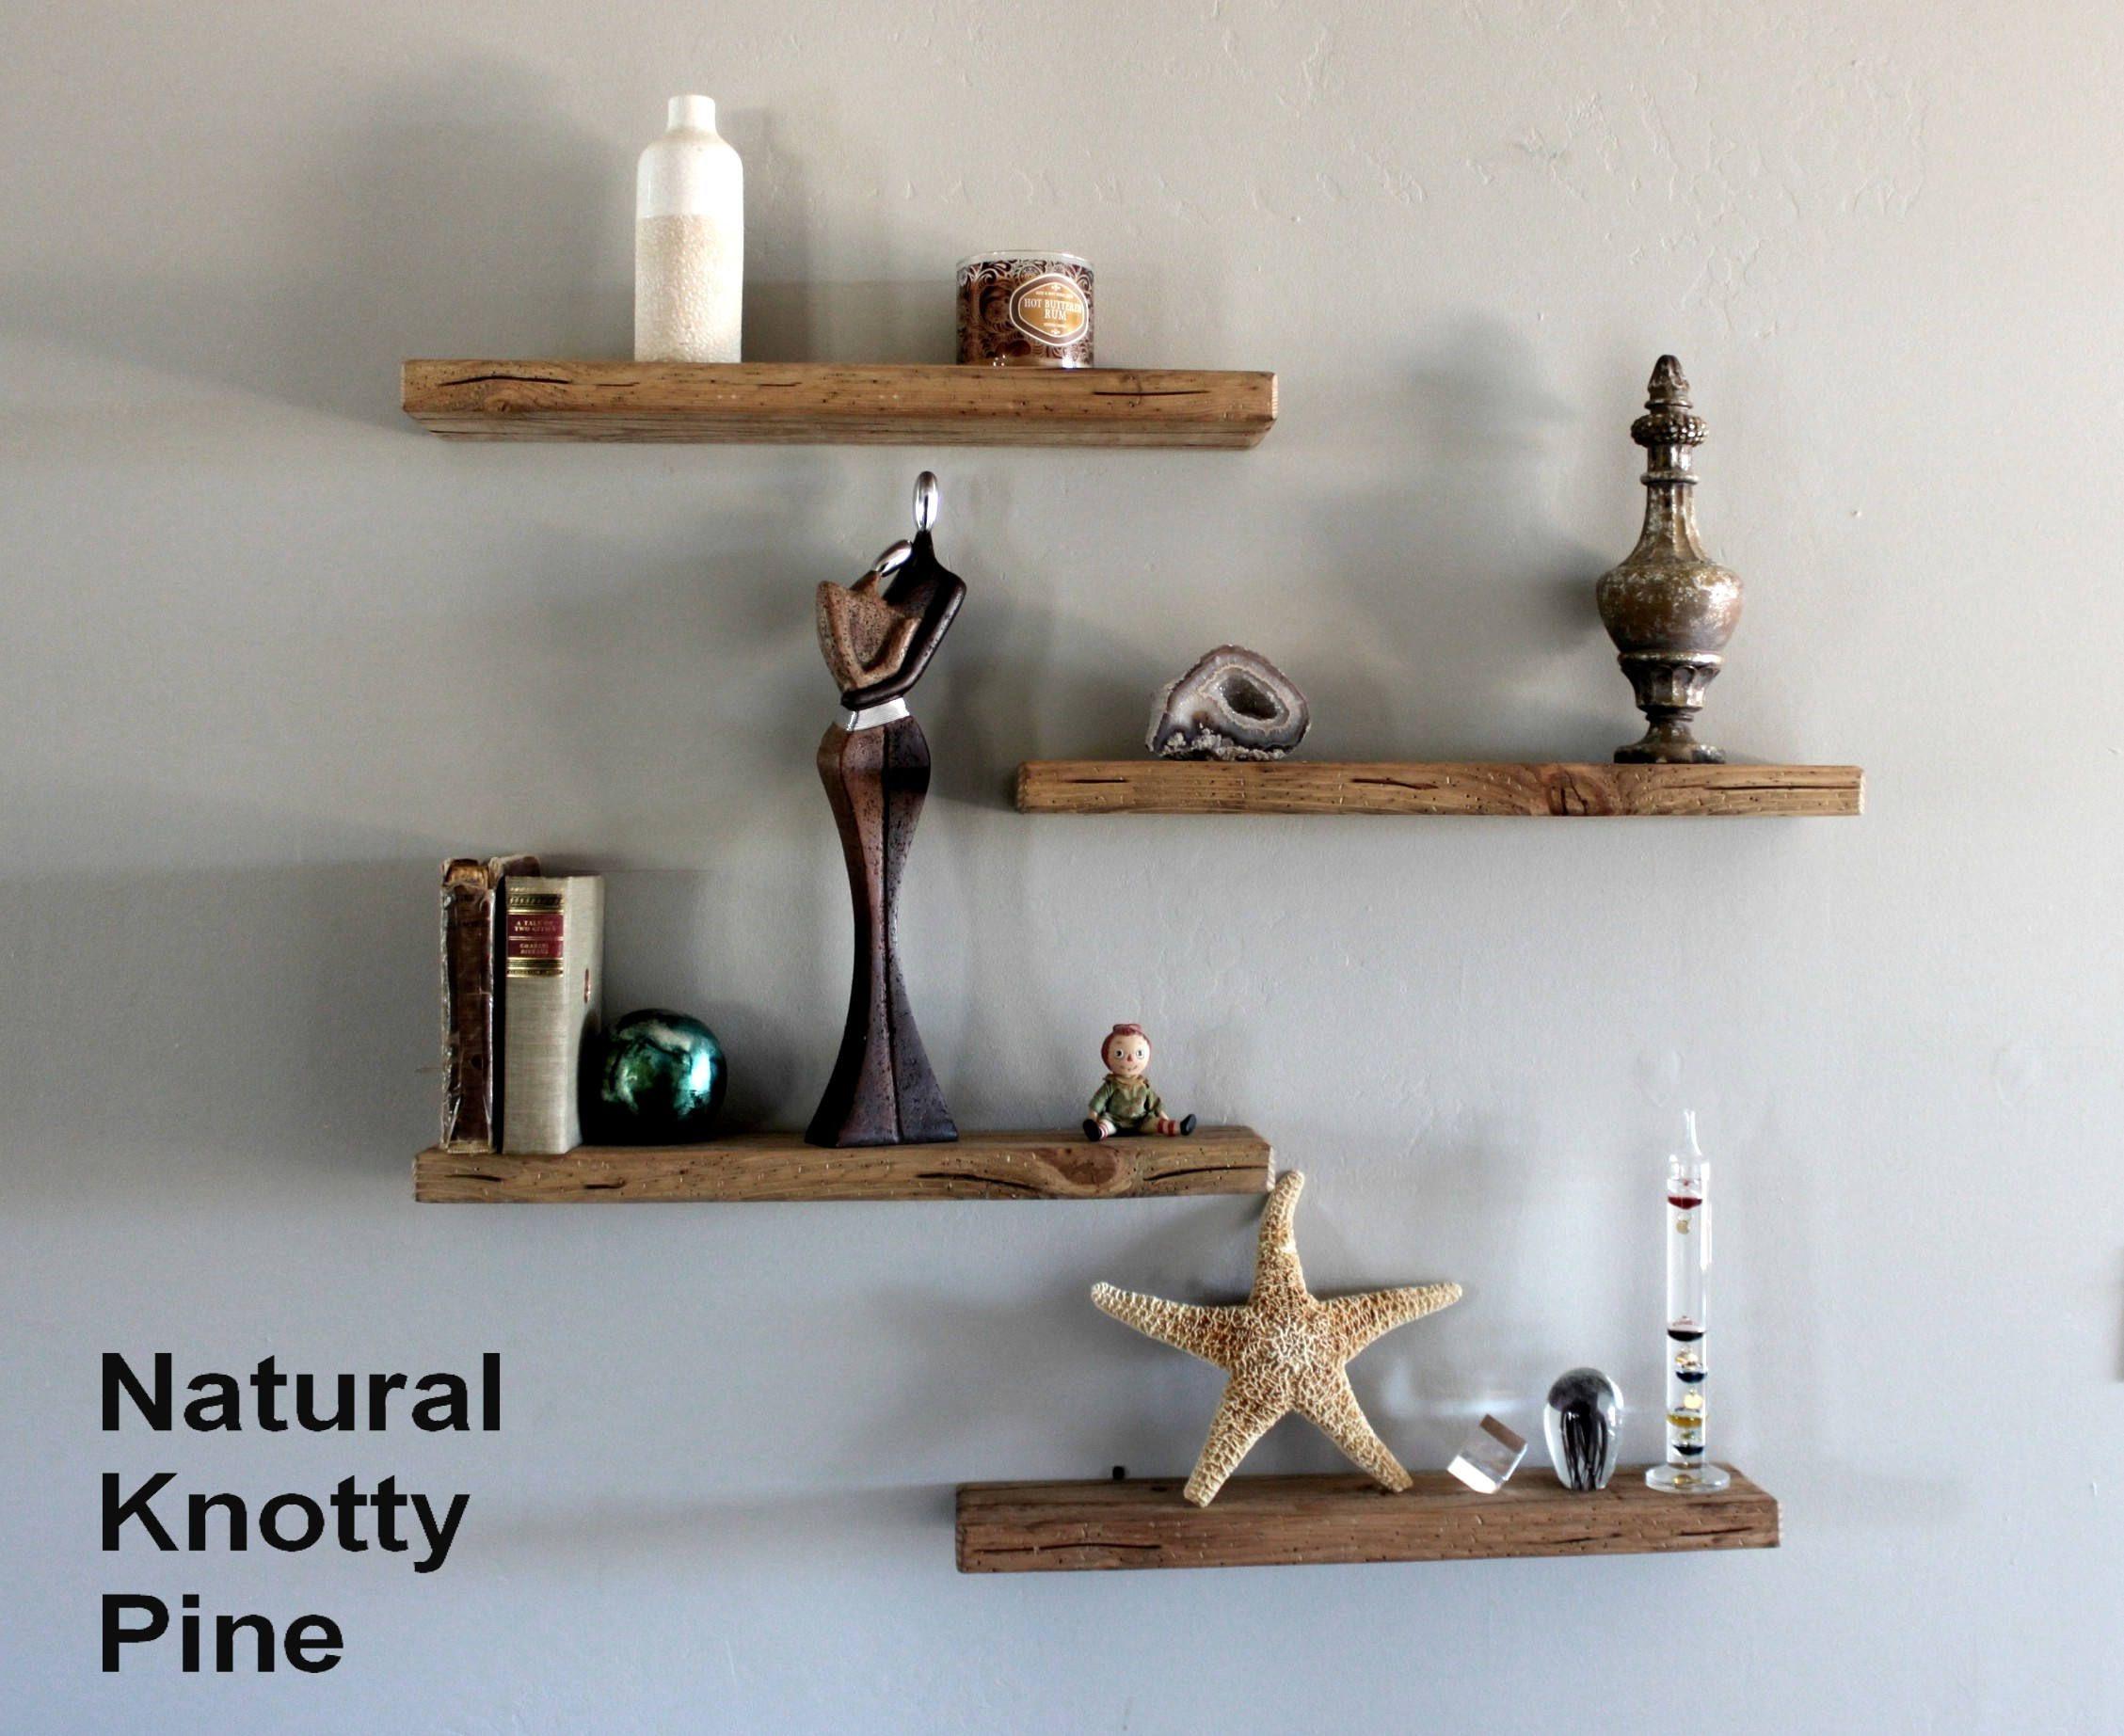 Easy Mount Reclaimed Wood Shelves Floating Shelves Floating Shelf